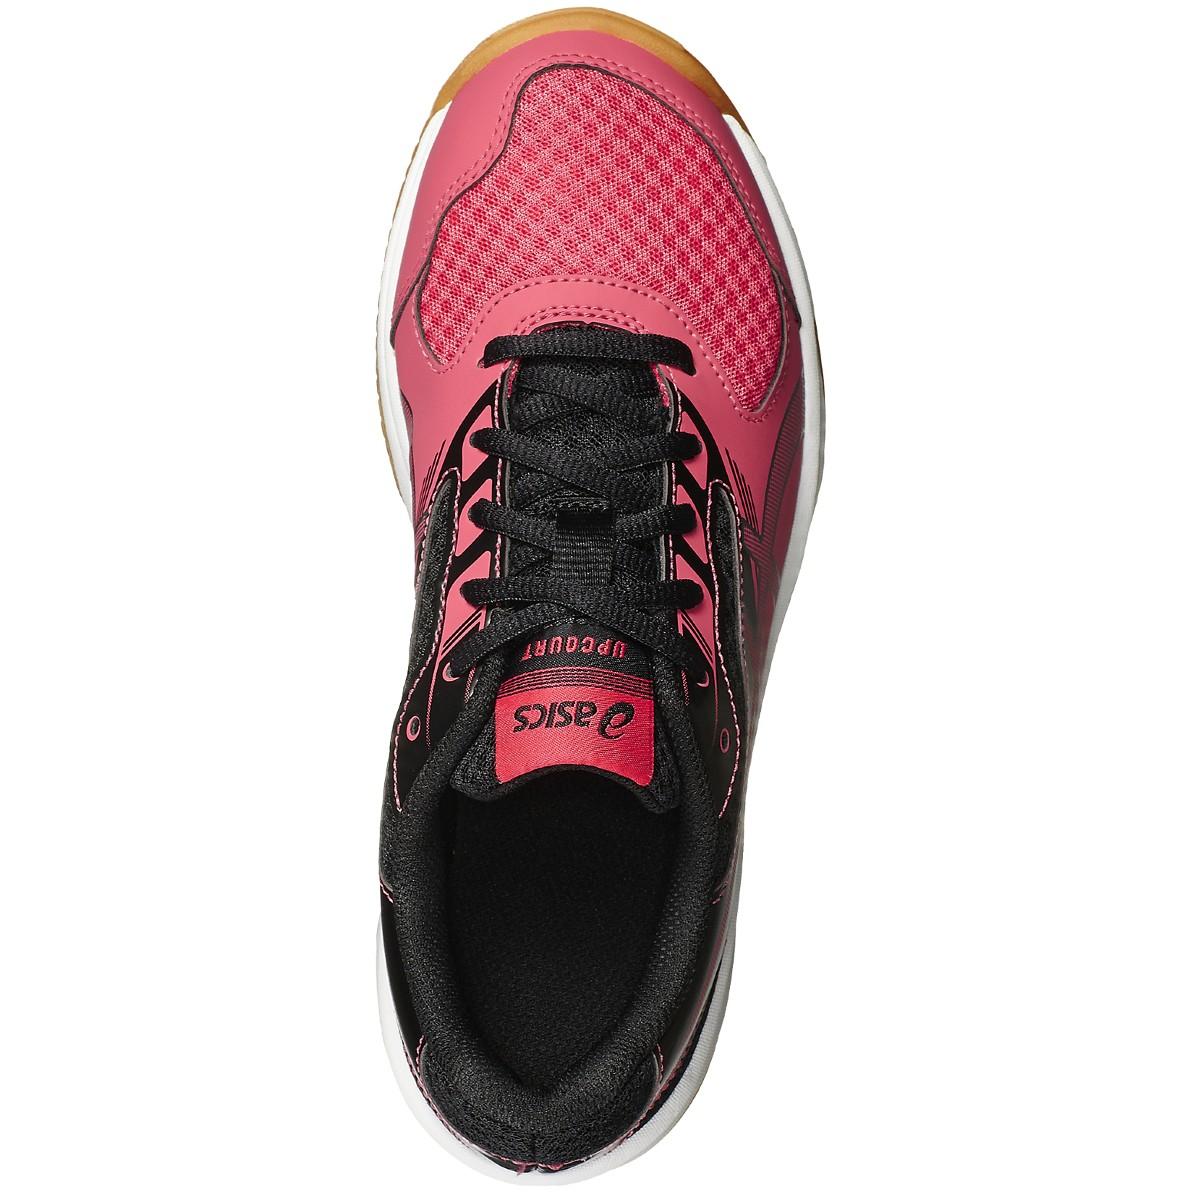 Asics Rose Junior Indoor Gs Upcourt Chaussures 2 Gel Promotions FTluK1c3J